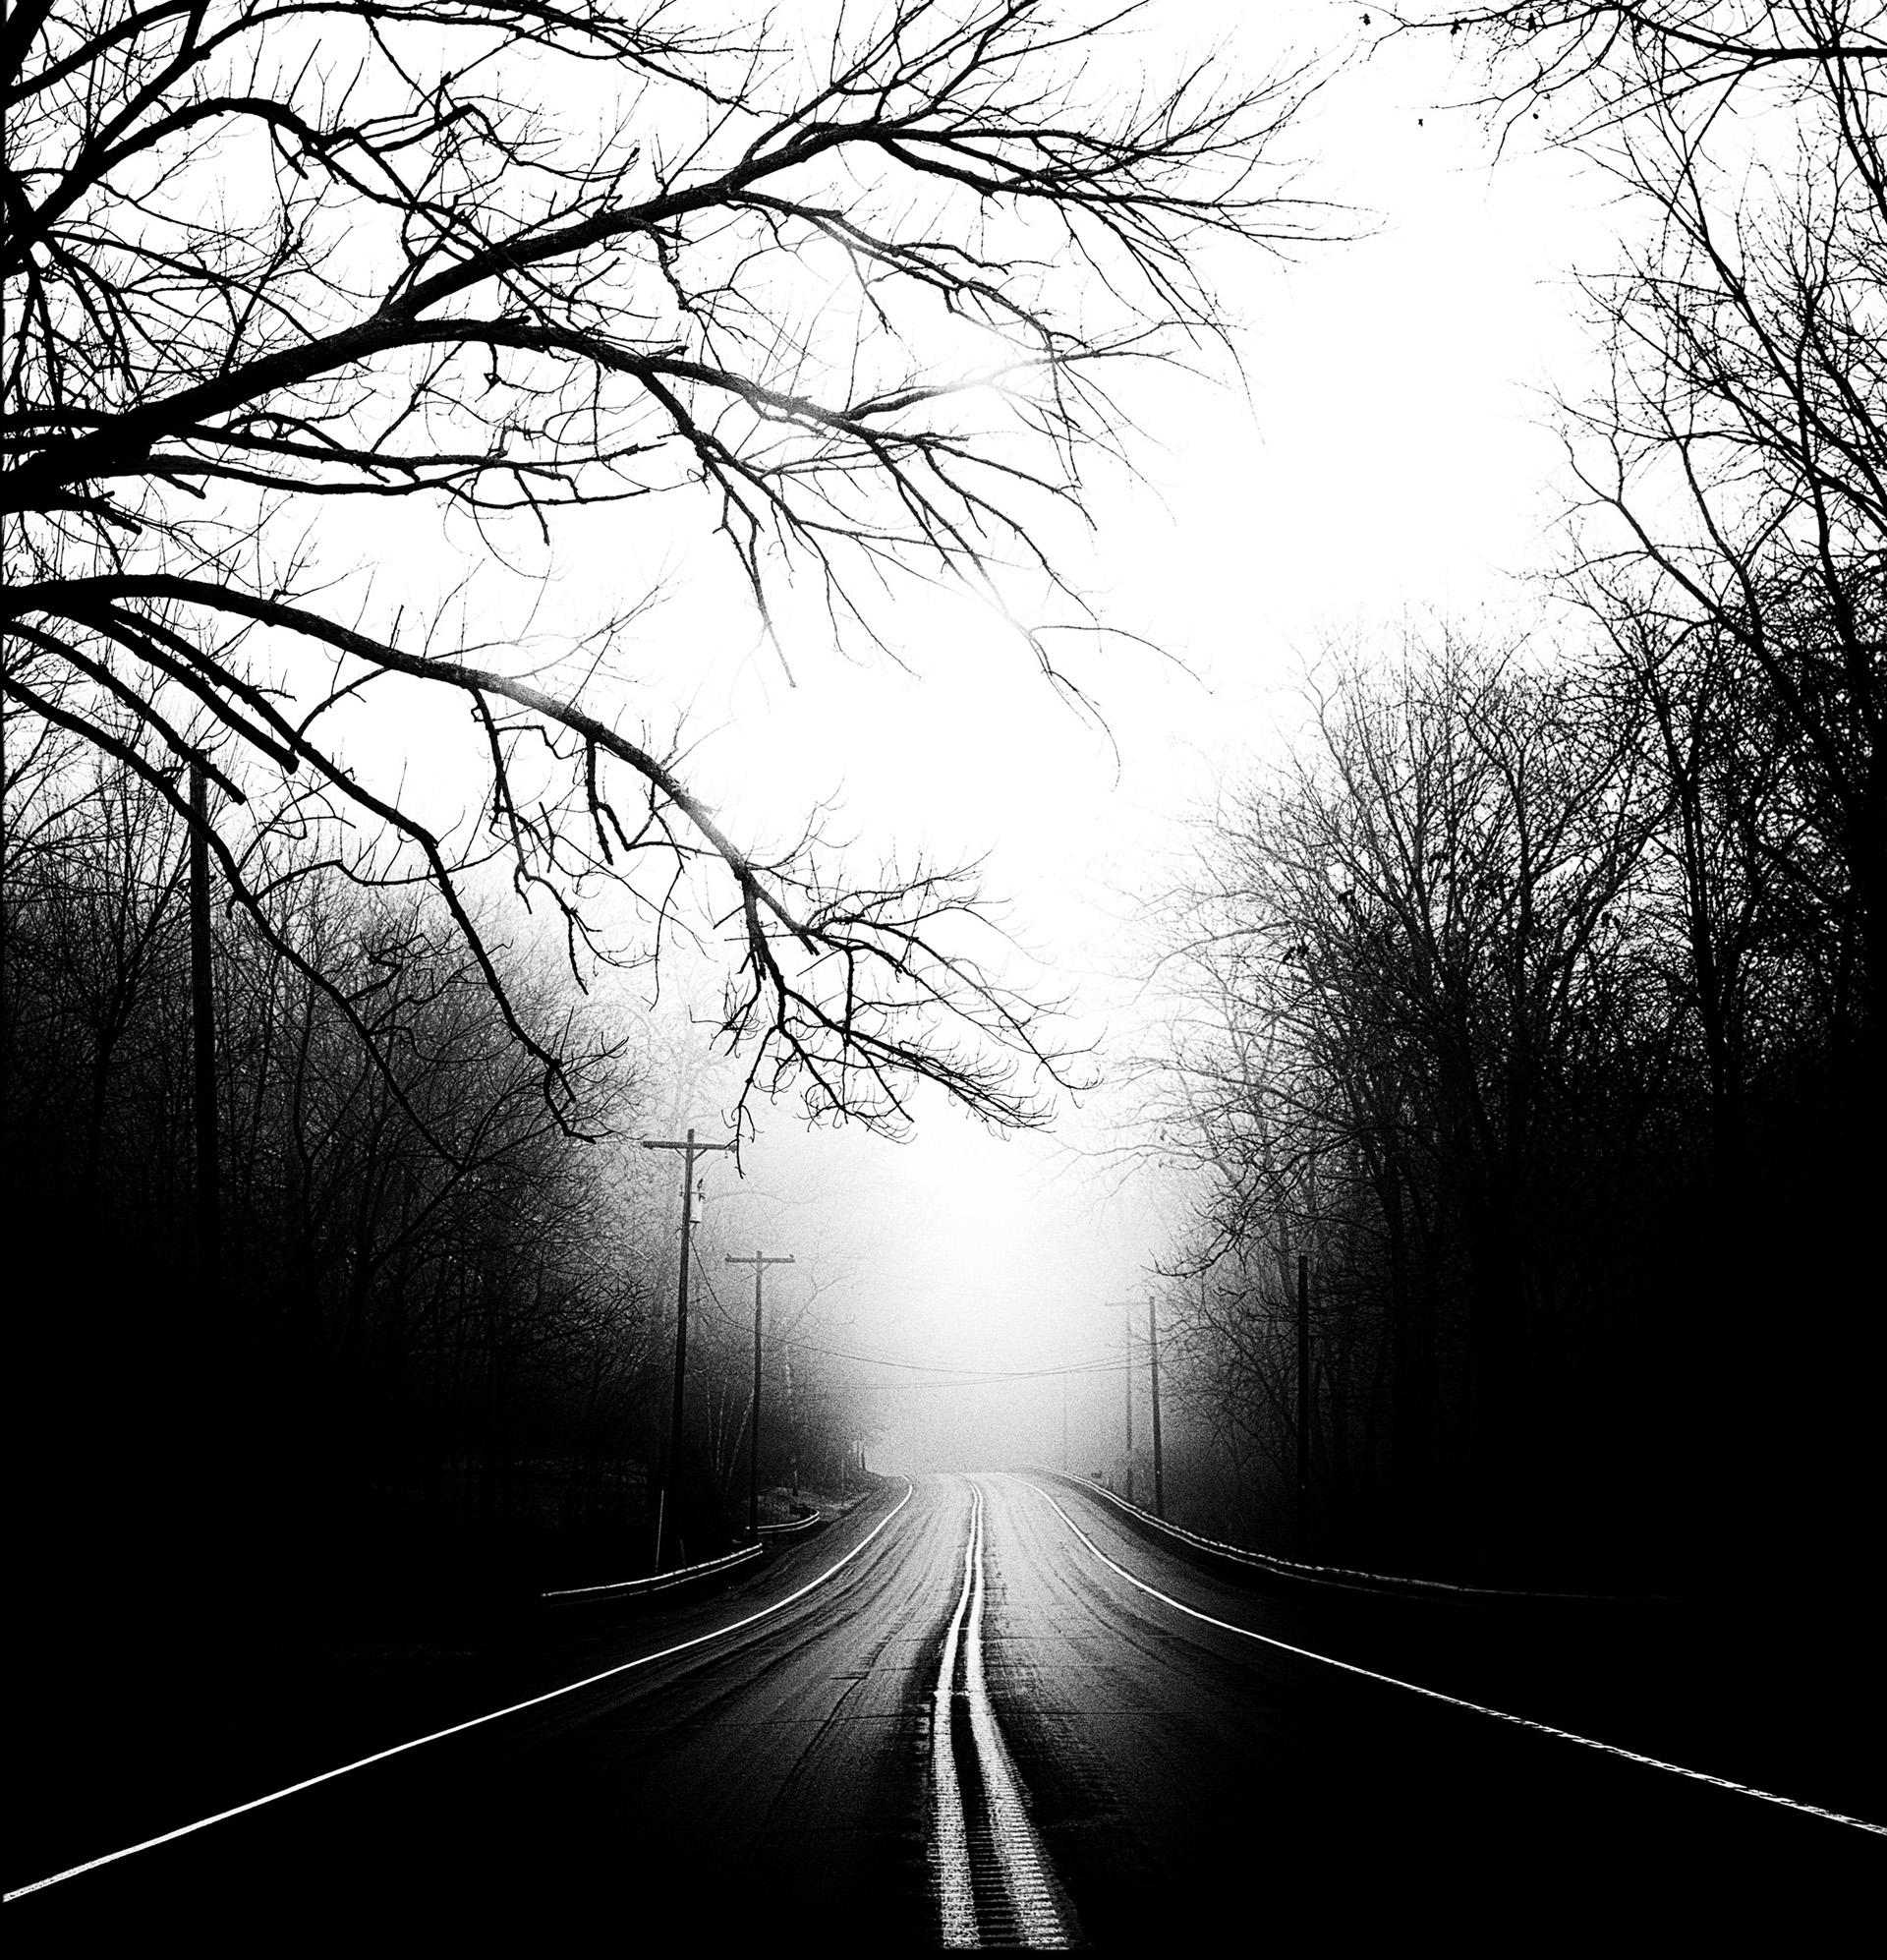 Blanco y negro - 1 10